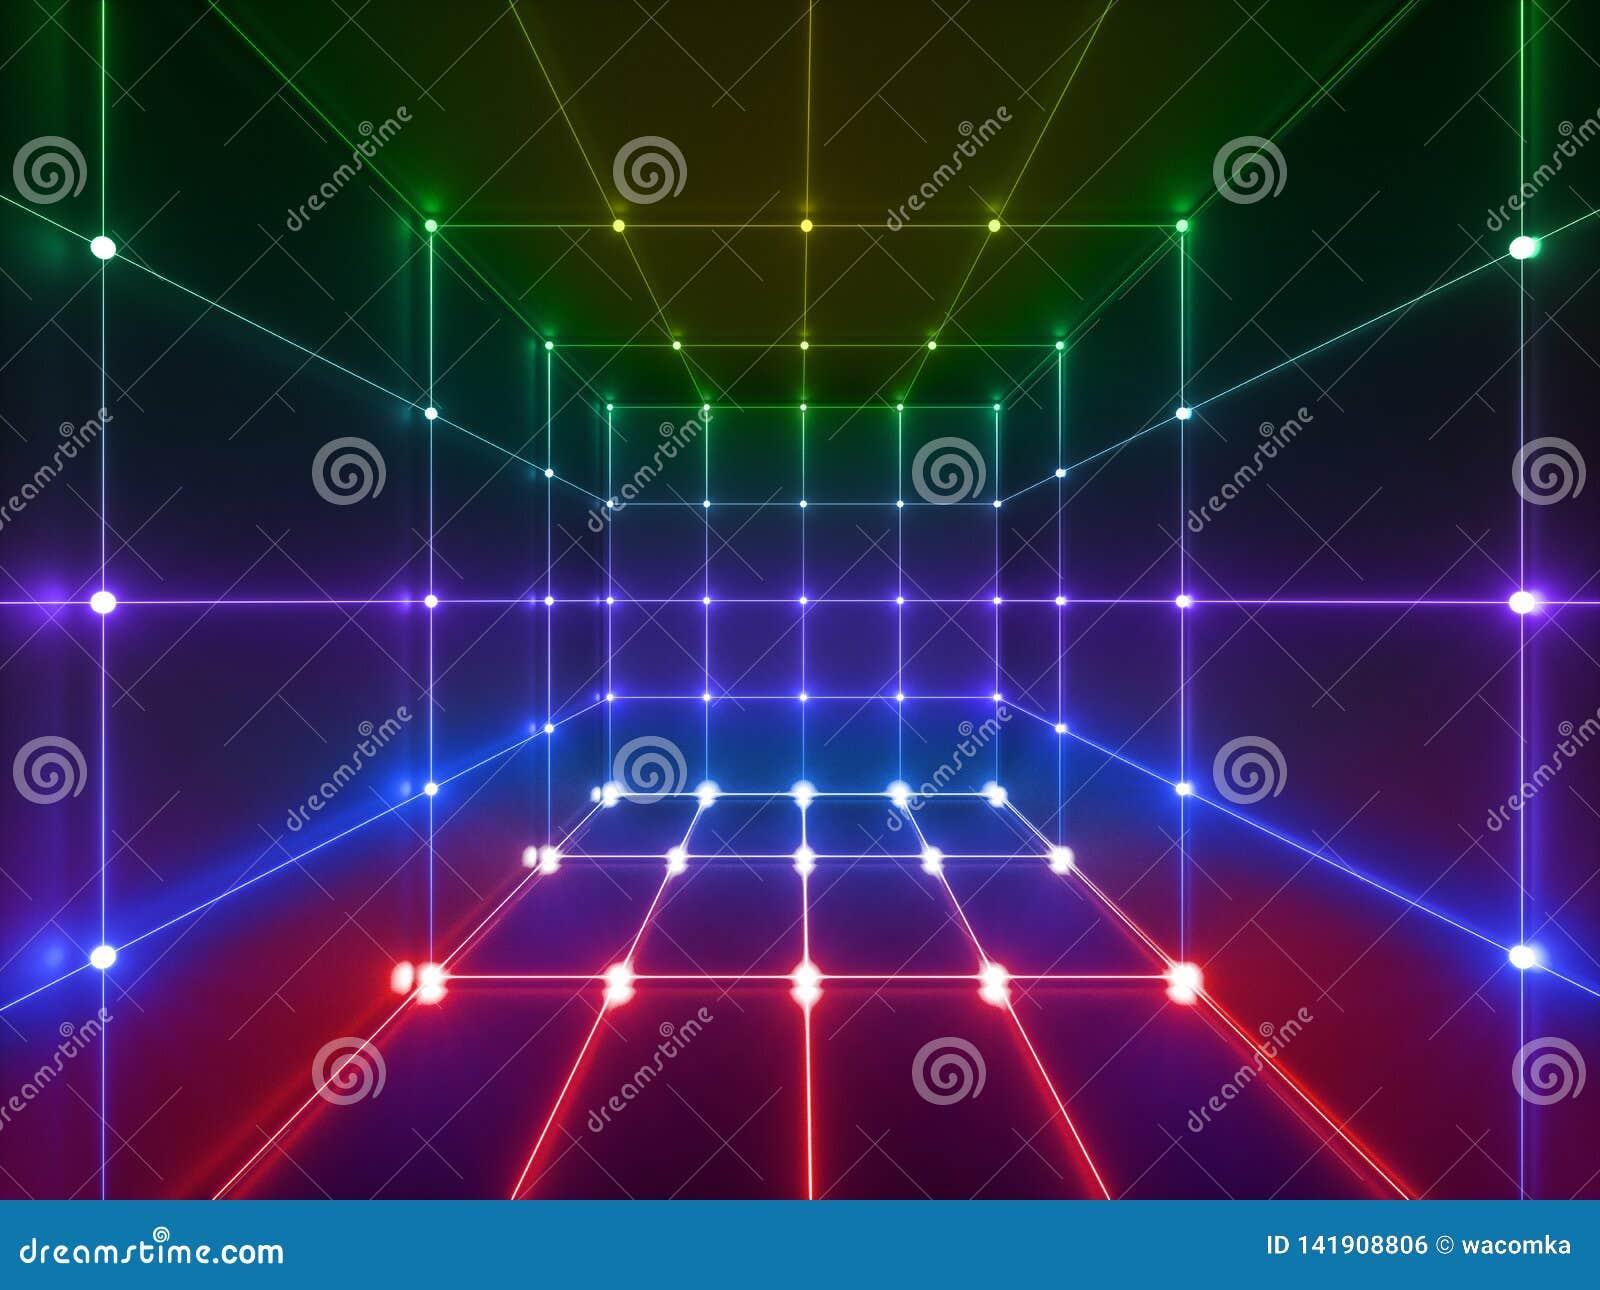 3d回报,发光的线,霓虹灯,抽象荧光的背景,立方体笼子,紫外,光谱充满活力的颜色,激光